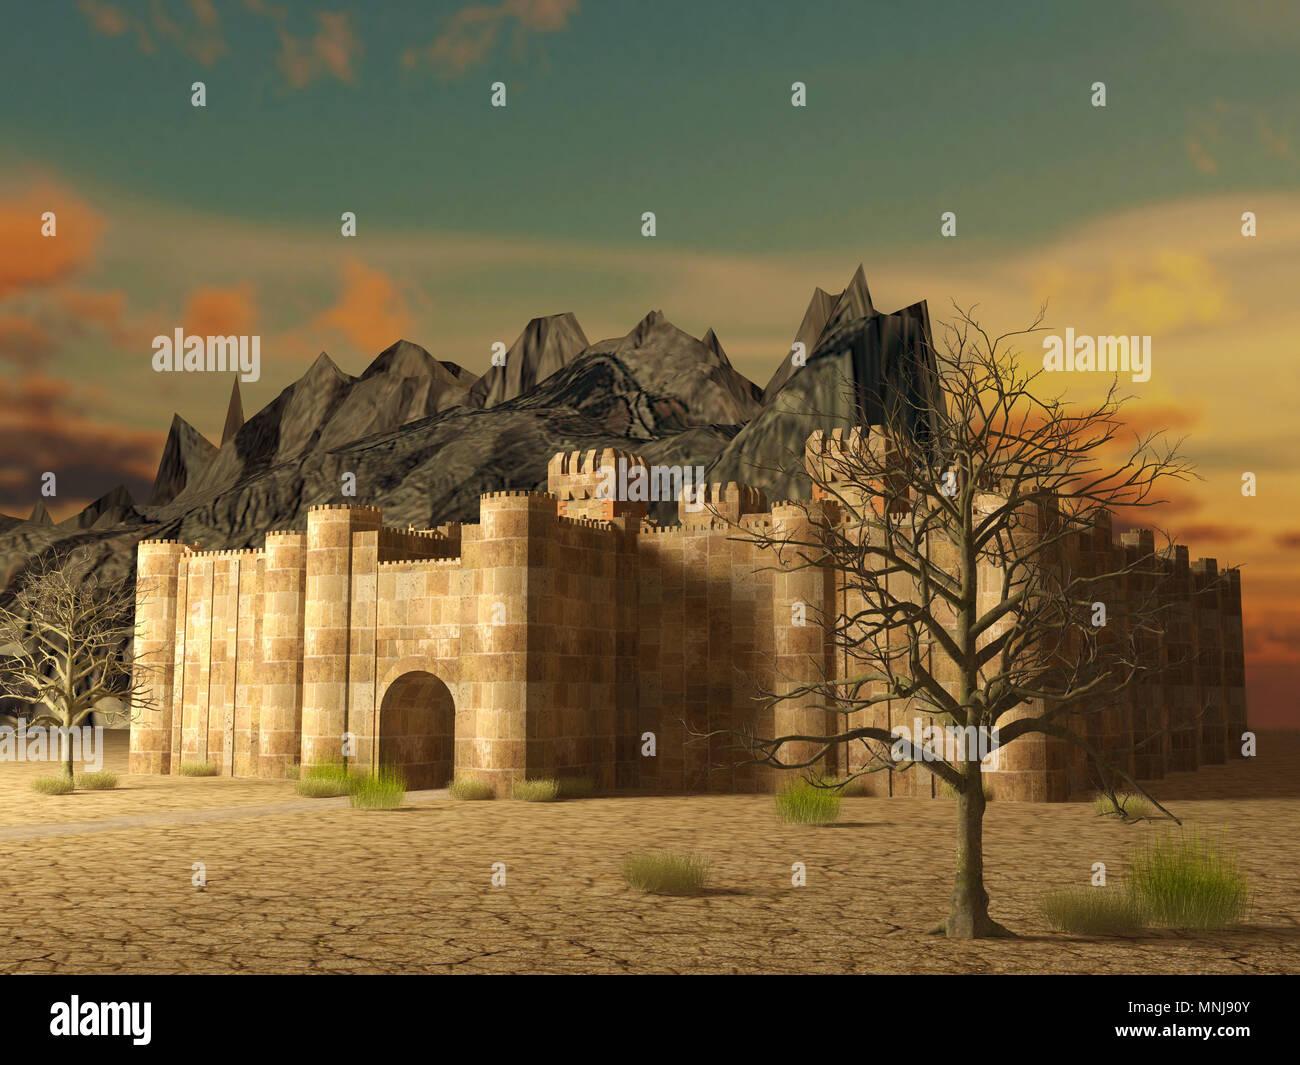 3D-Render mittelalterliche Festung außen ortet auf Risse im Boden Stockbild